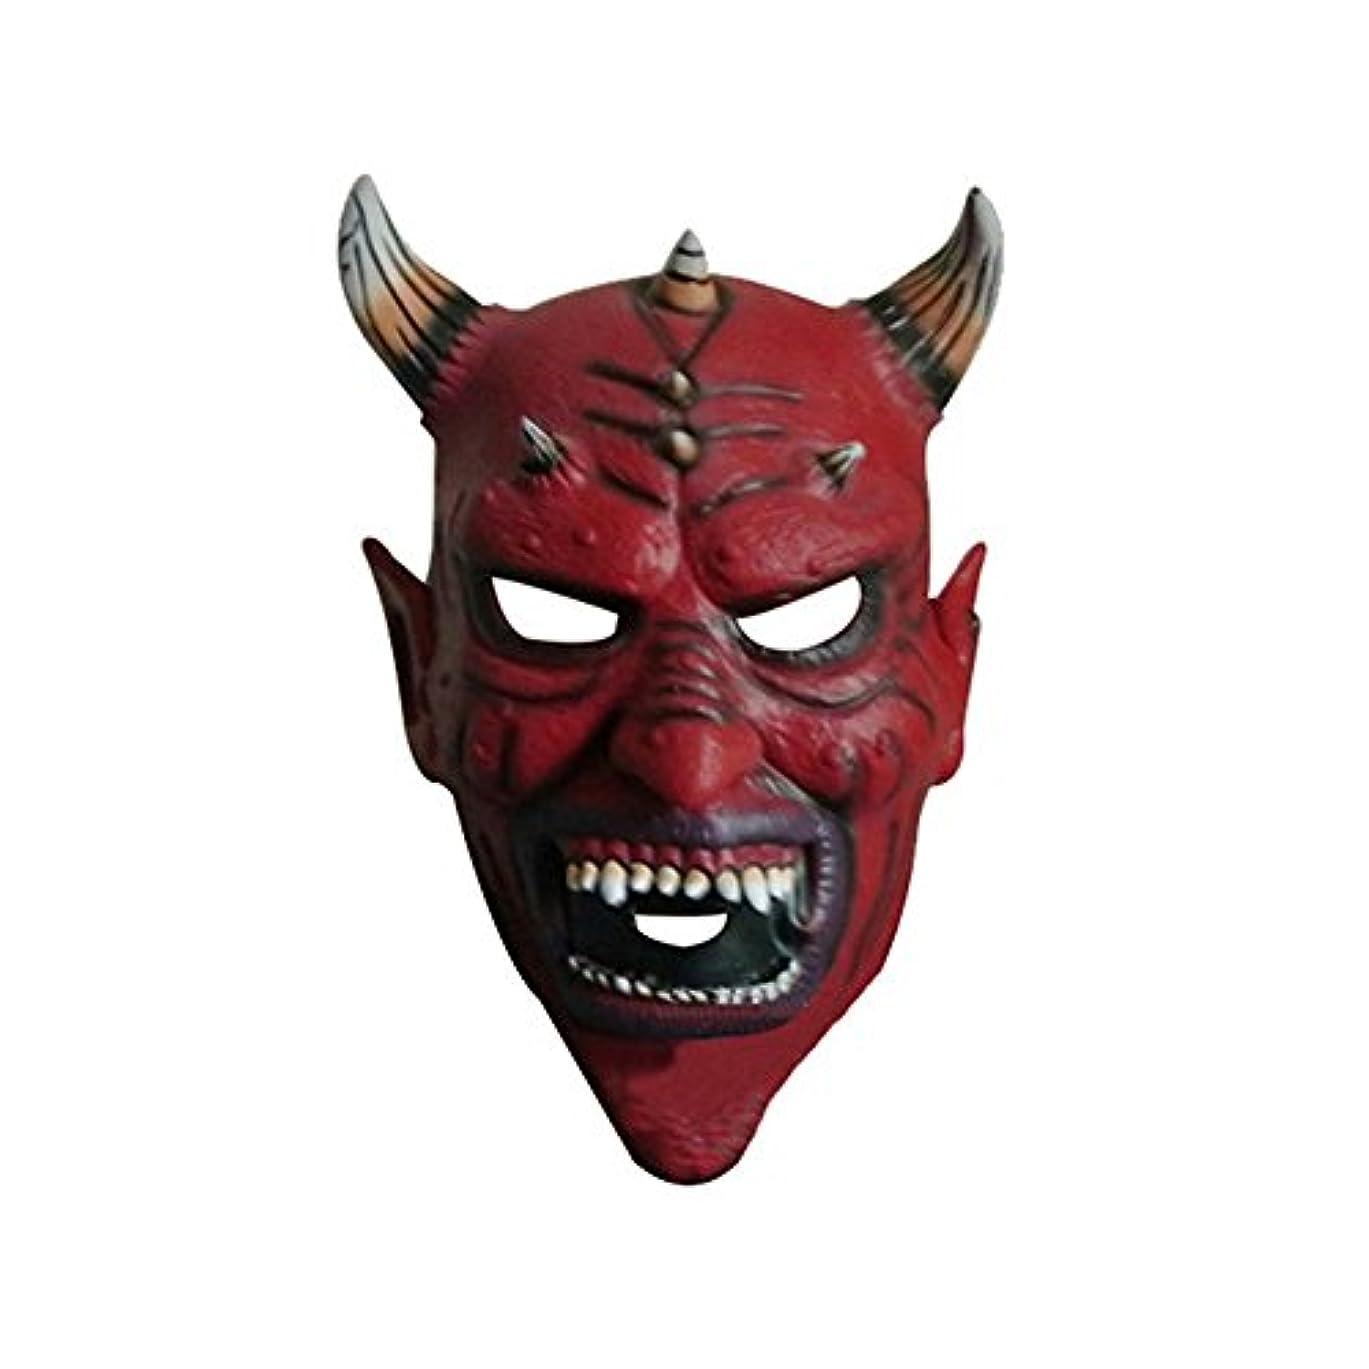 バインドありがたいプランテーションハロウィーンデビルカーニバルナイトパーティーホーンヘッドマスク